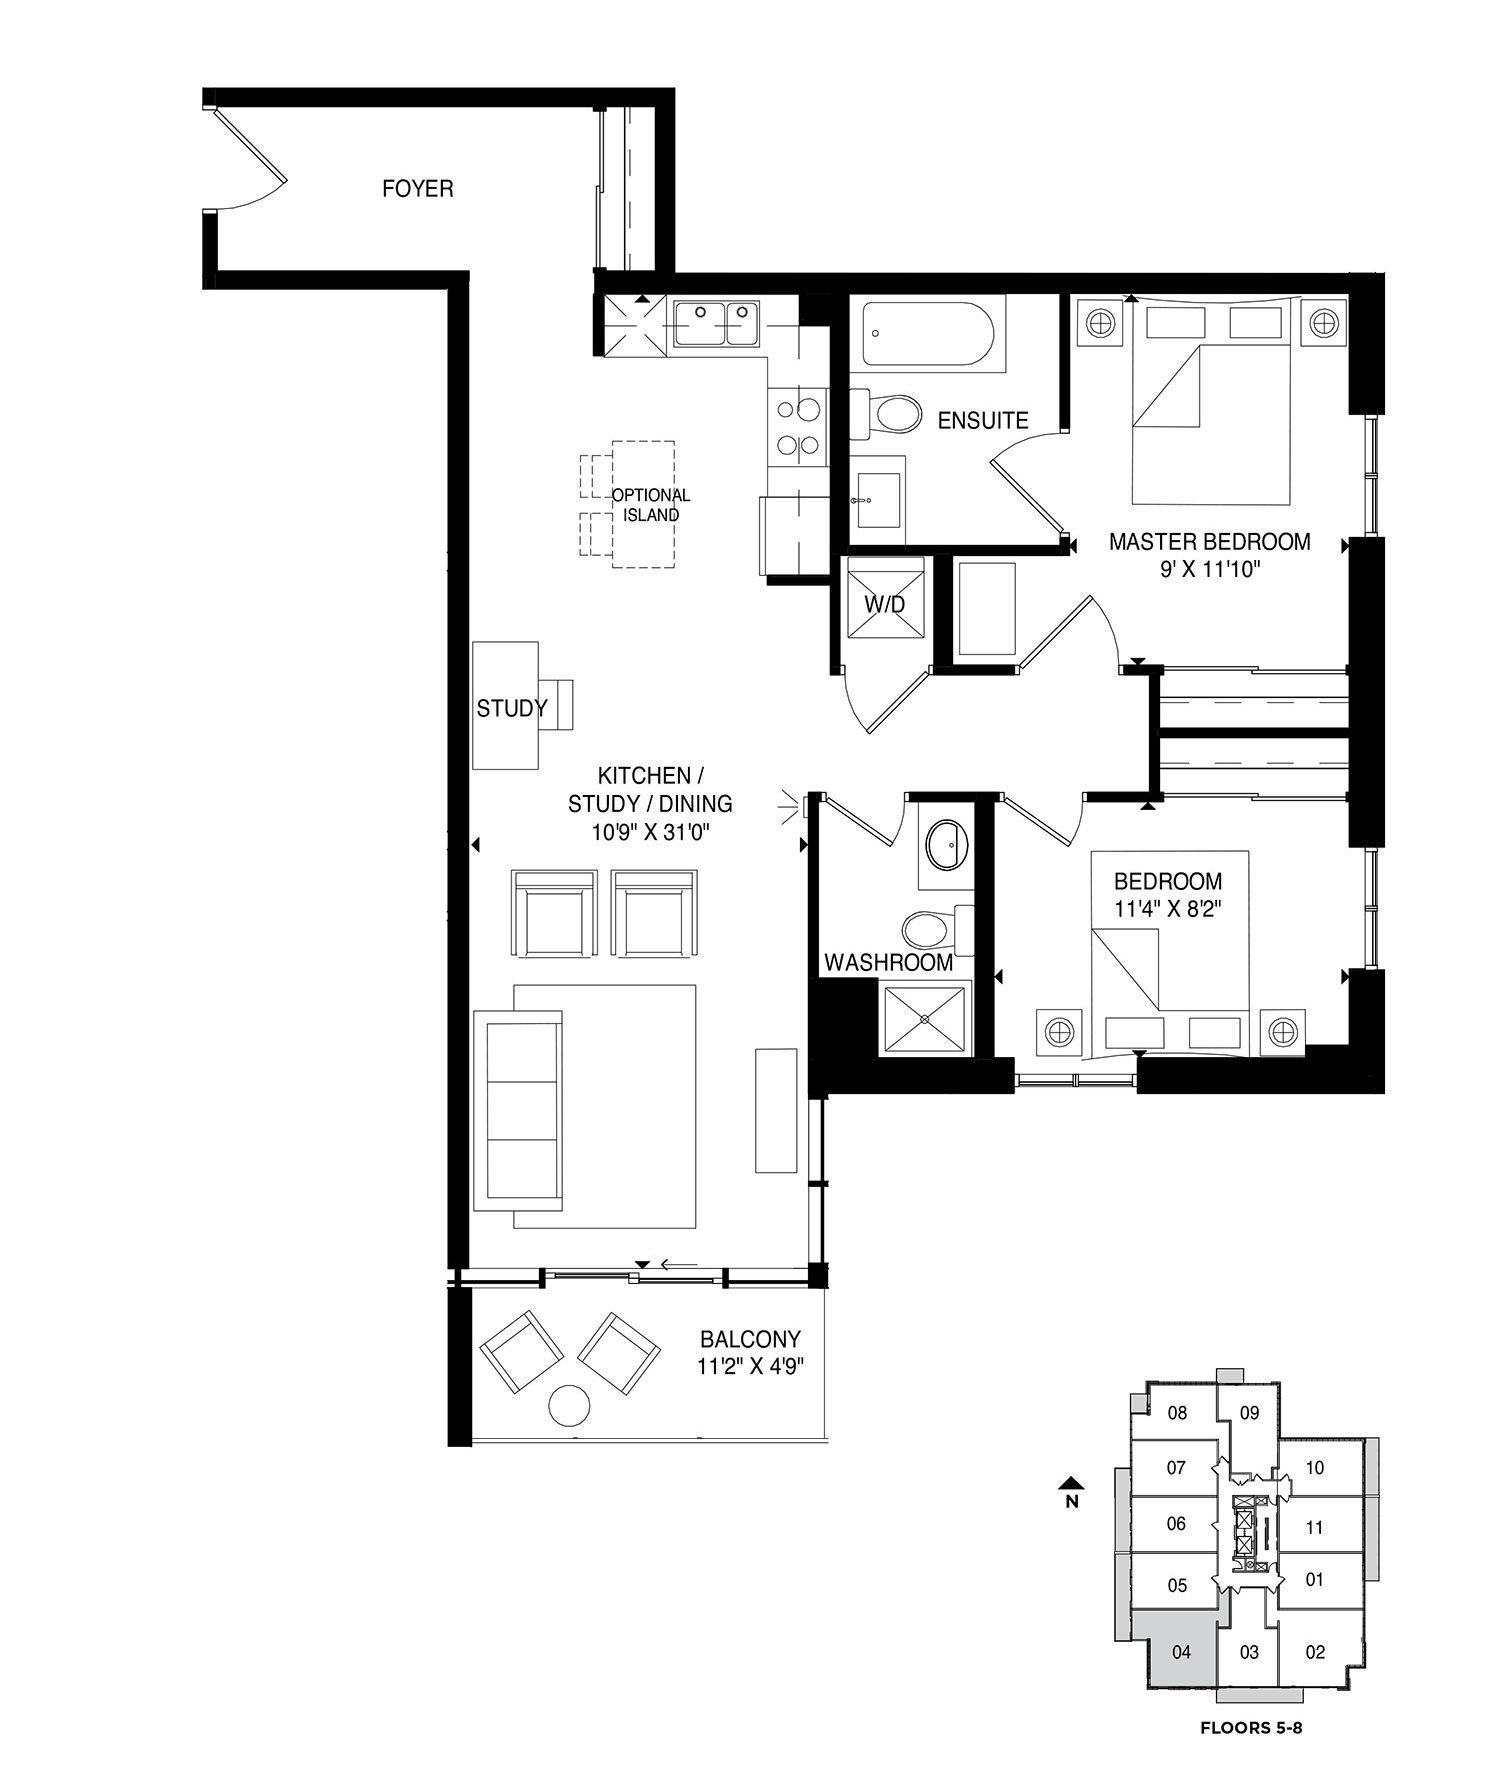 lodge_floorplan_pdf_img